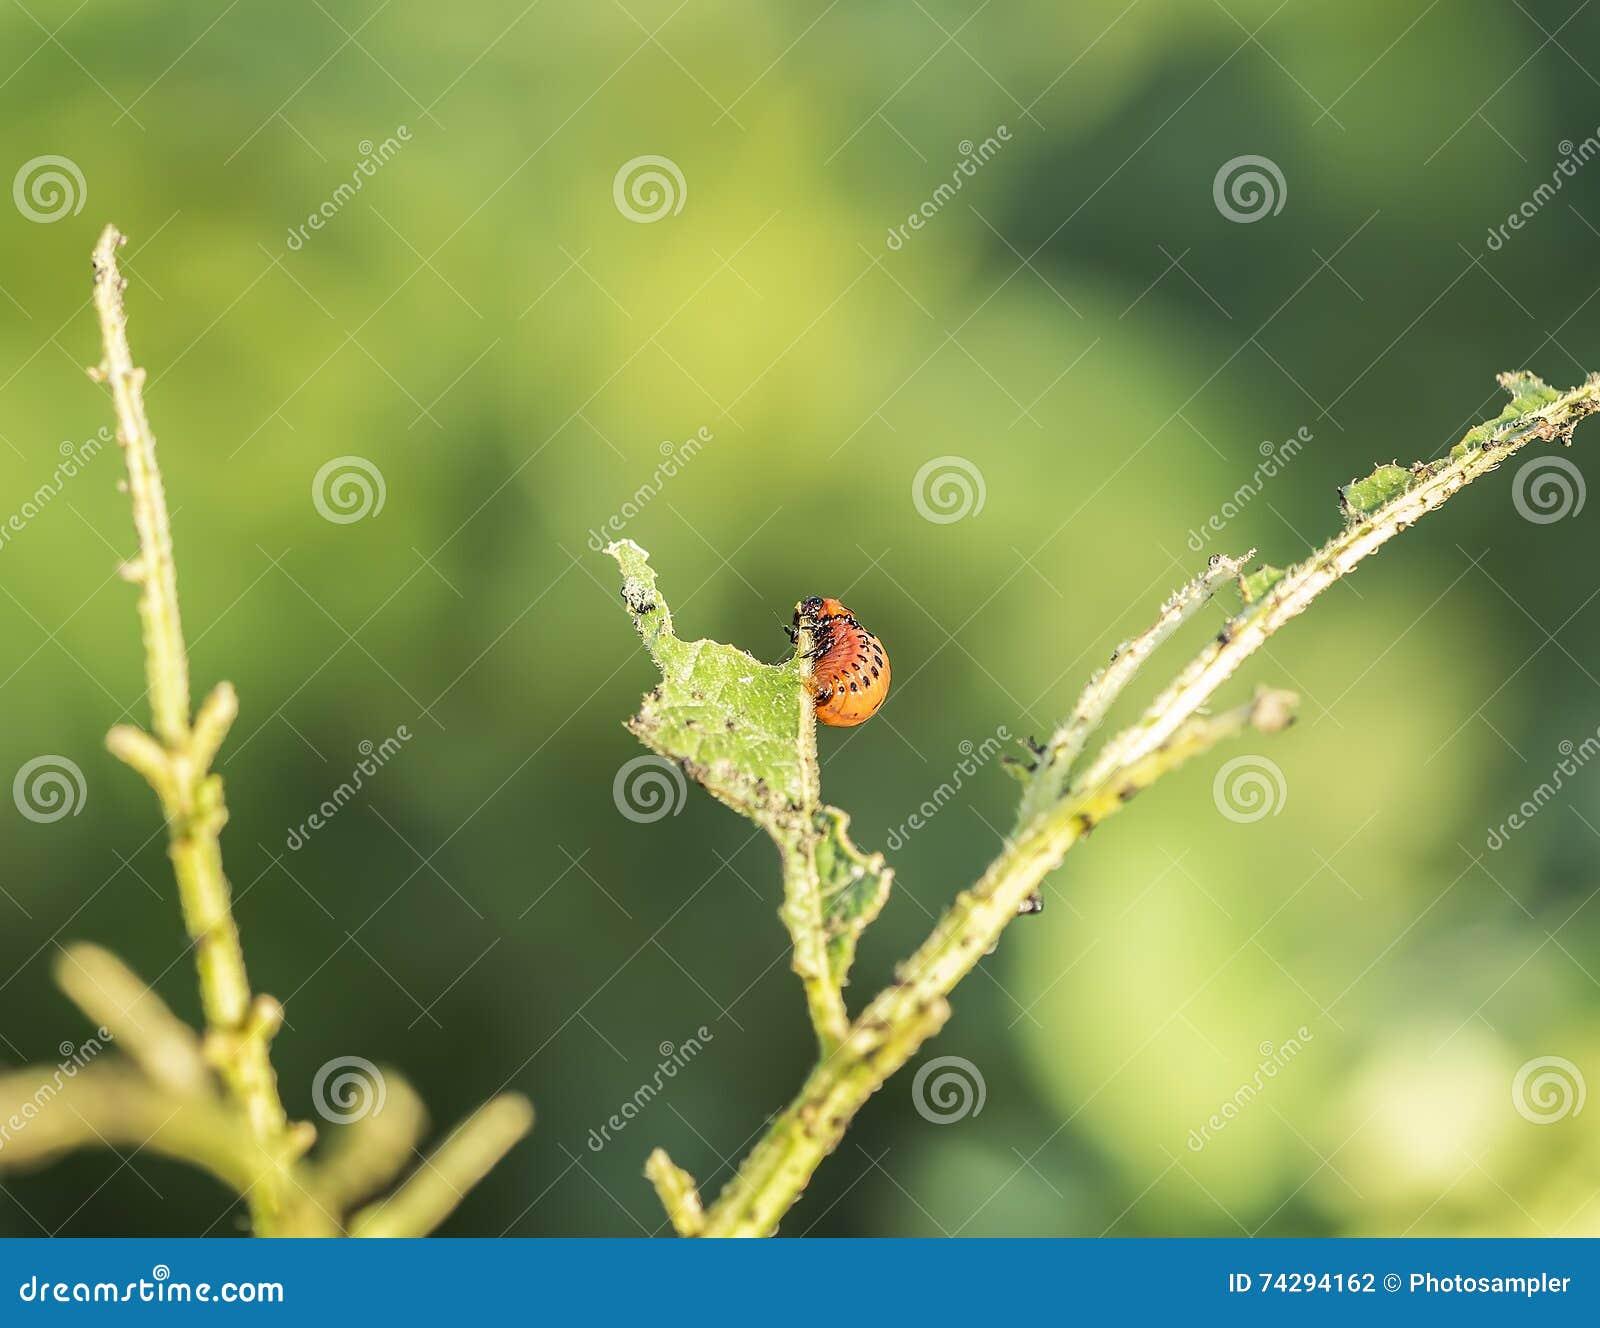 Potato Bug Caterpillar